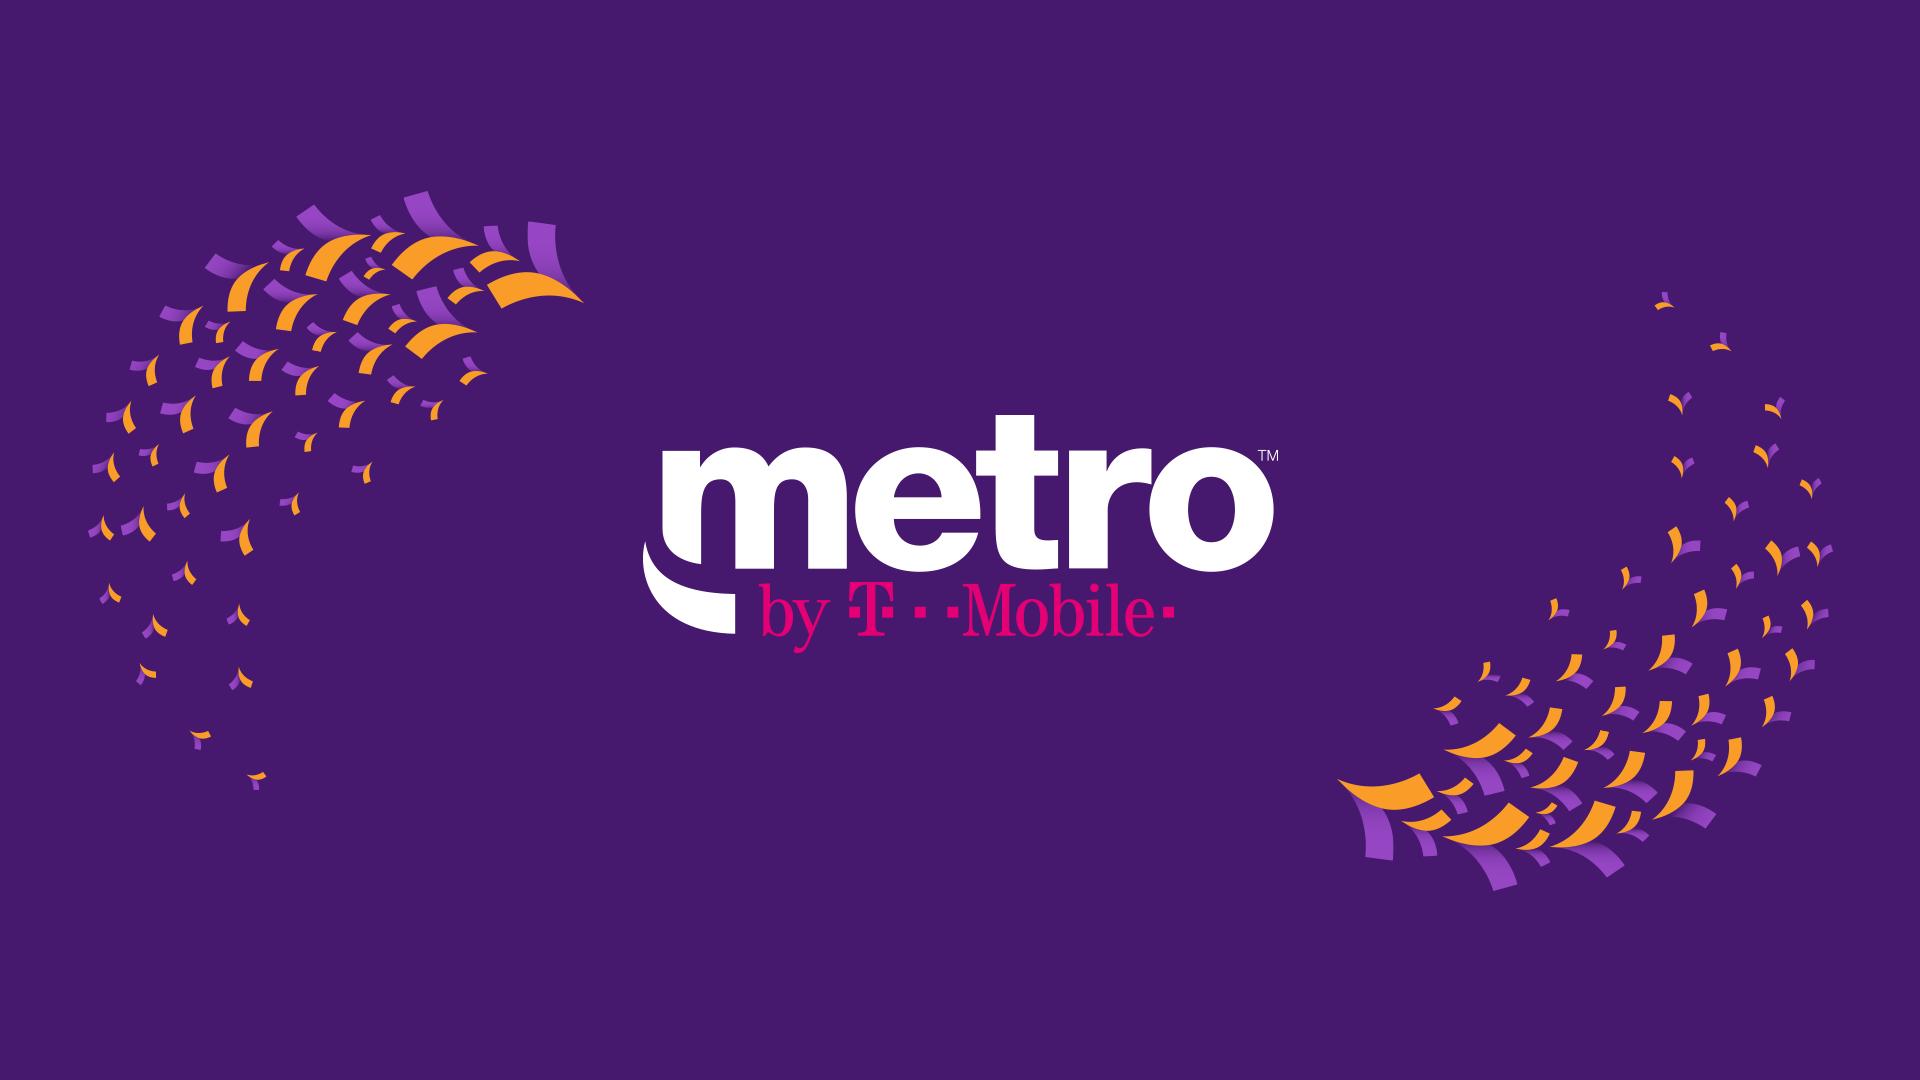 MetroPCS Montgomery